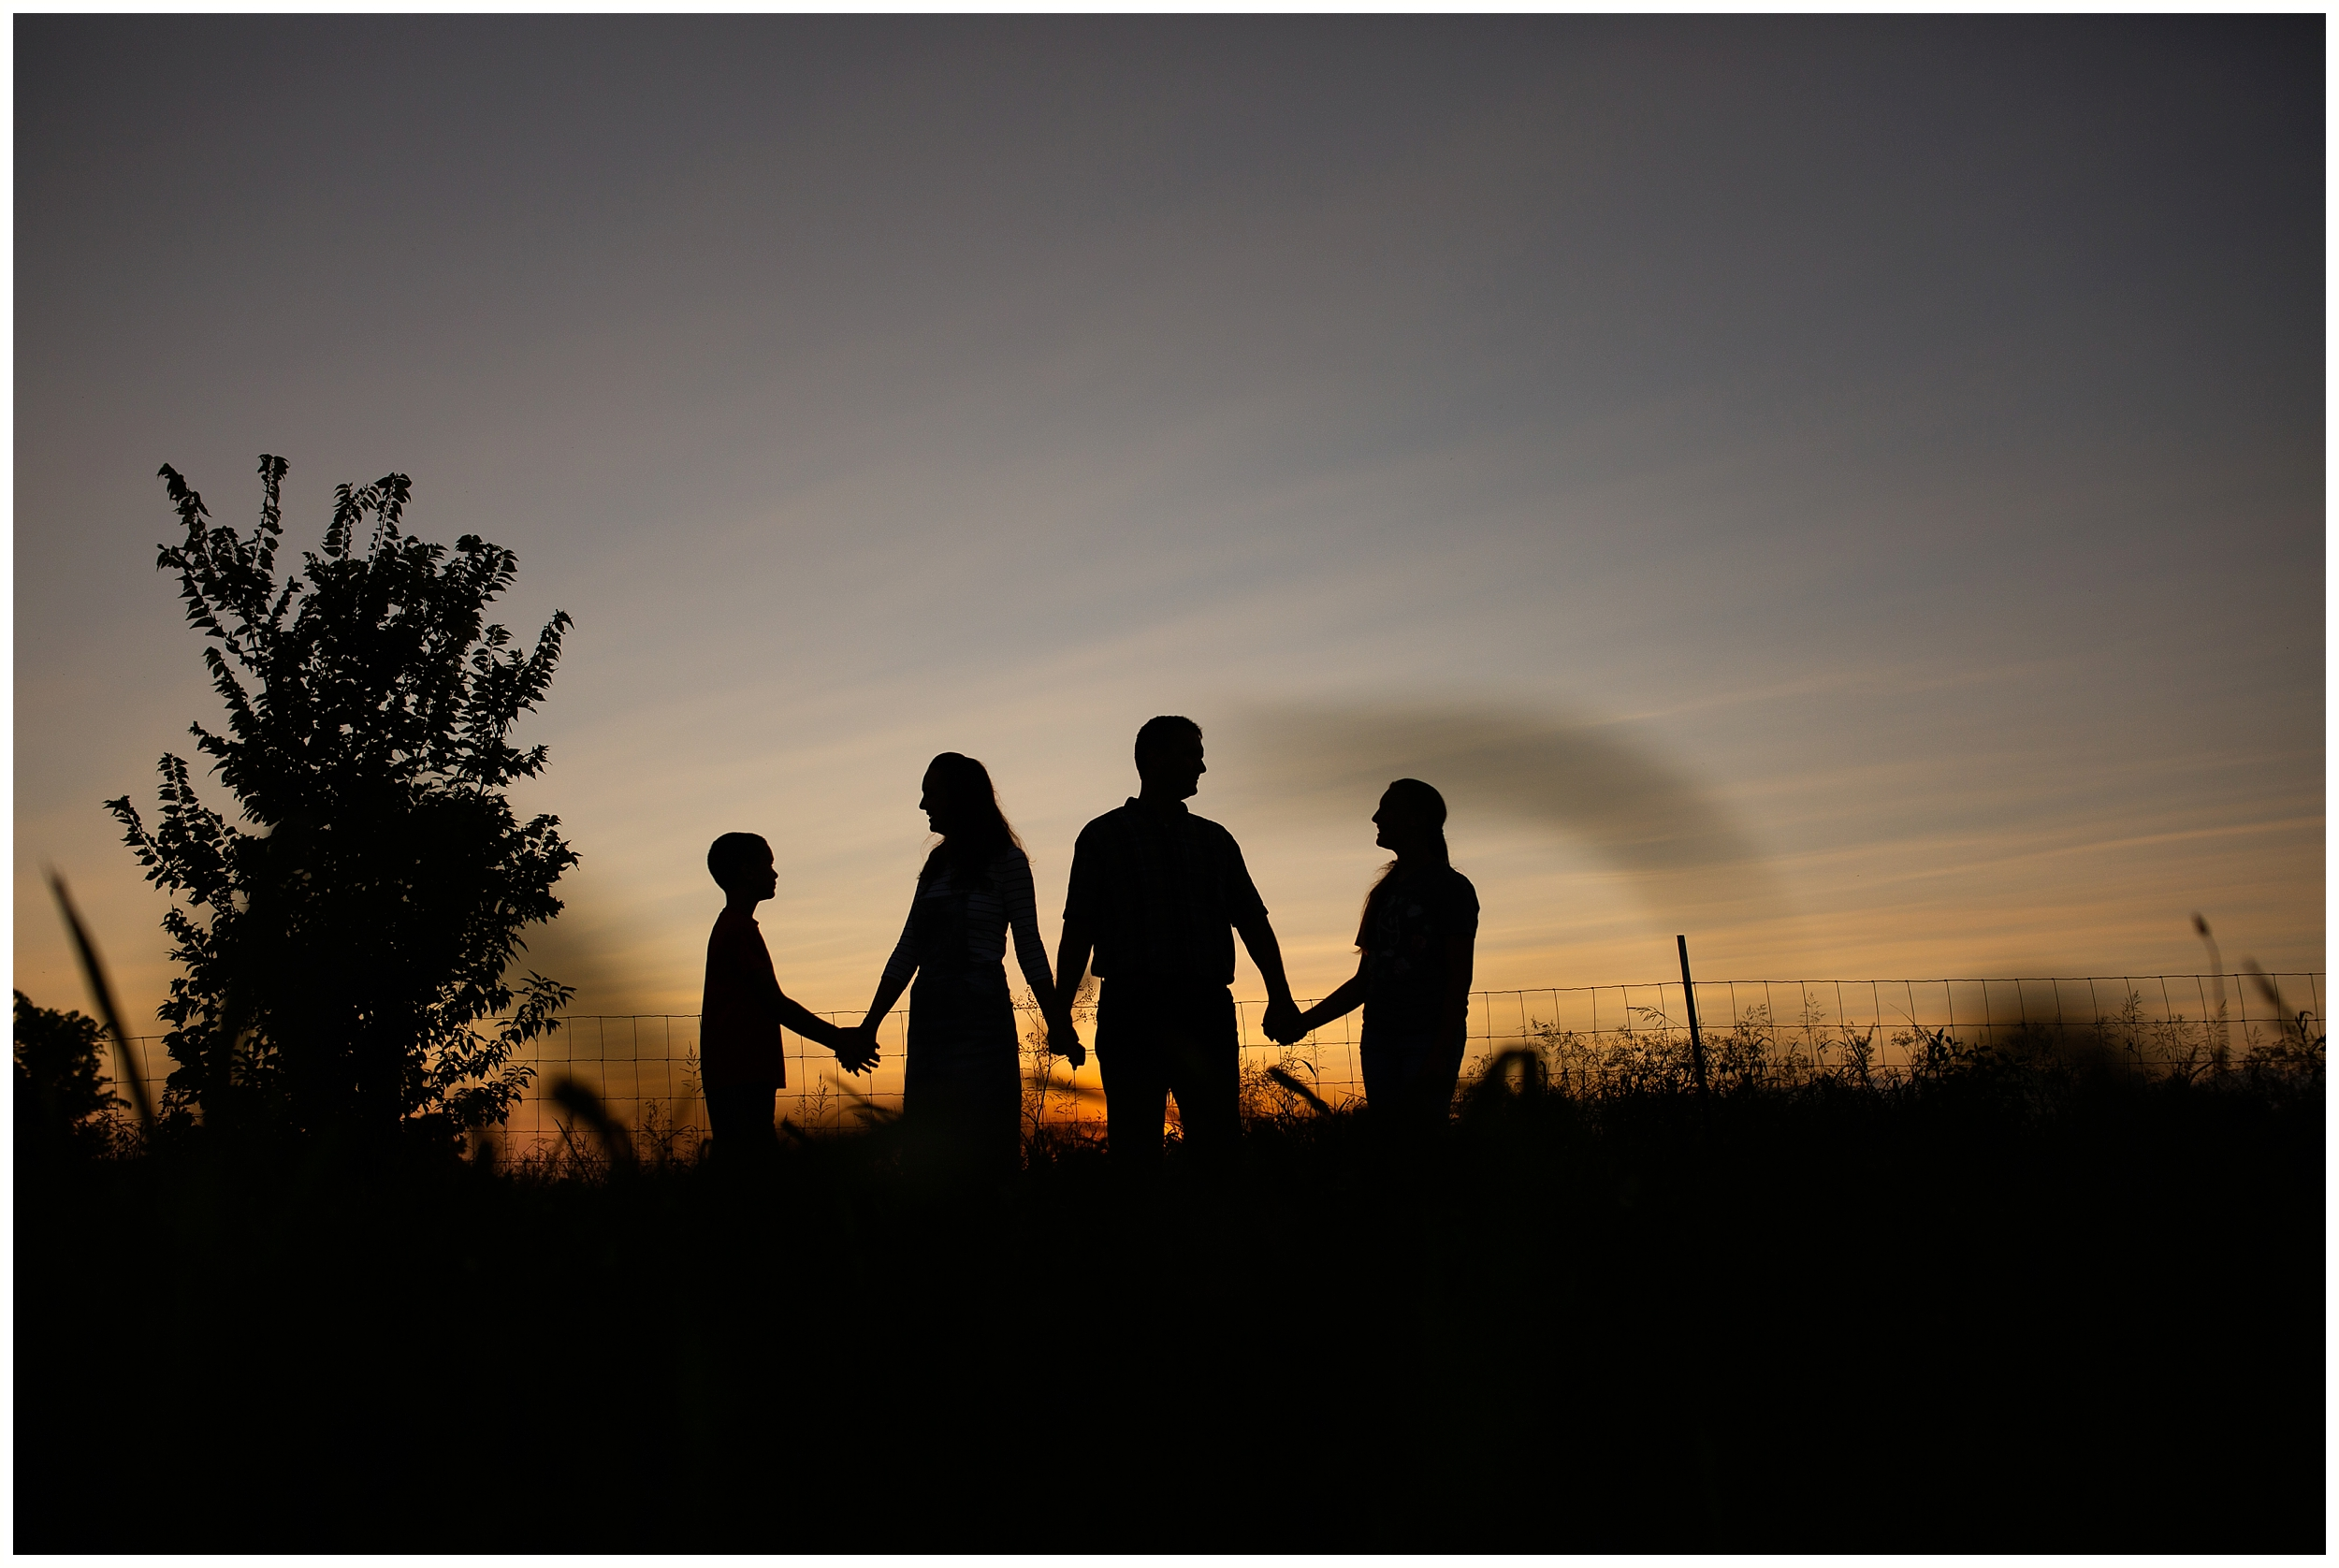 lexington-ky-family-lifestyle-photos-by-priscilla-baierlein_0521.jpg